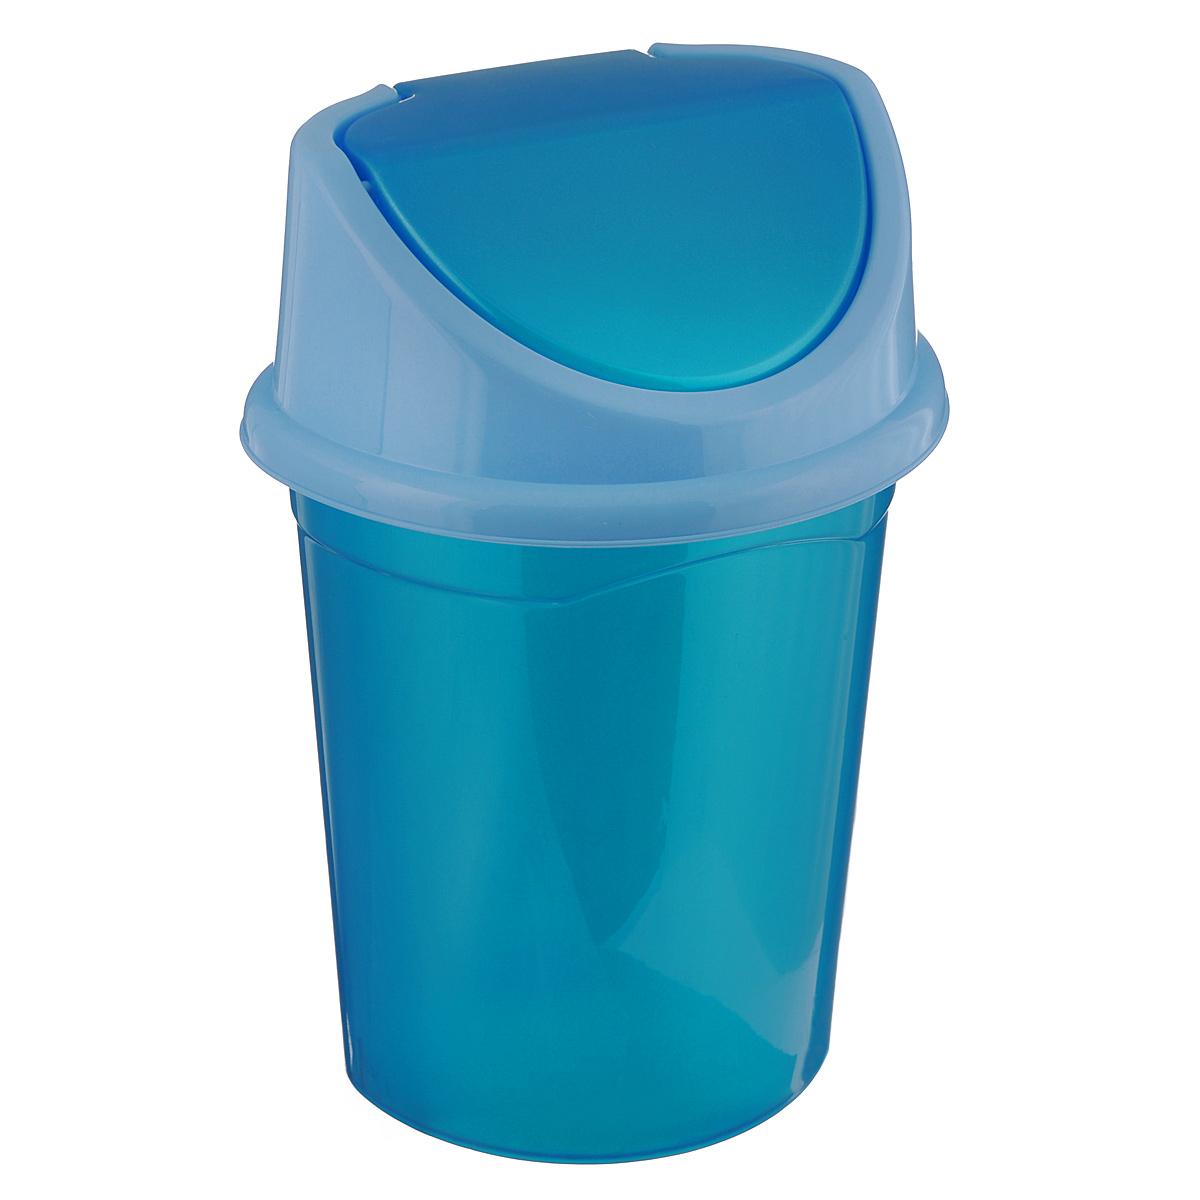 Контейнер для мусора Violet, цвет: бирюзовый, голубой, 14 л0414/55Контейнер для мусора Violet изготовлен из прочного пластика. Контейнер снабжен удобной съемной крышкой с подвижной перегородкой. В нем удобно хранить мелкий мусор. Благодаря лаконичному дизайну такой контейнер идеально впишется в интерьер и дома, и офиса. Размер изделия: 29 см х 31,5 см х 45 см.